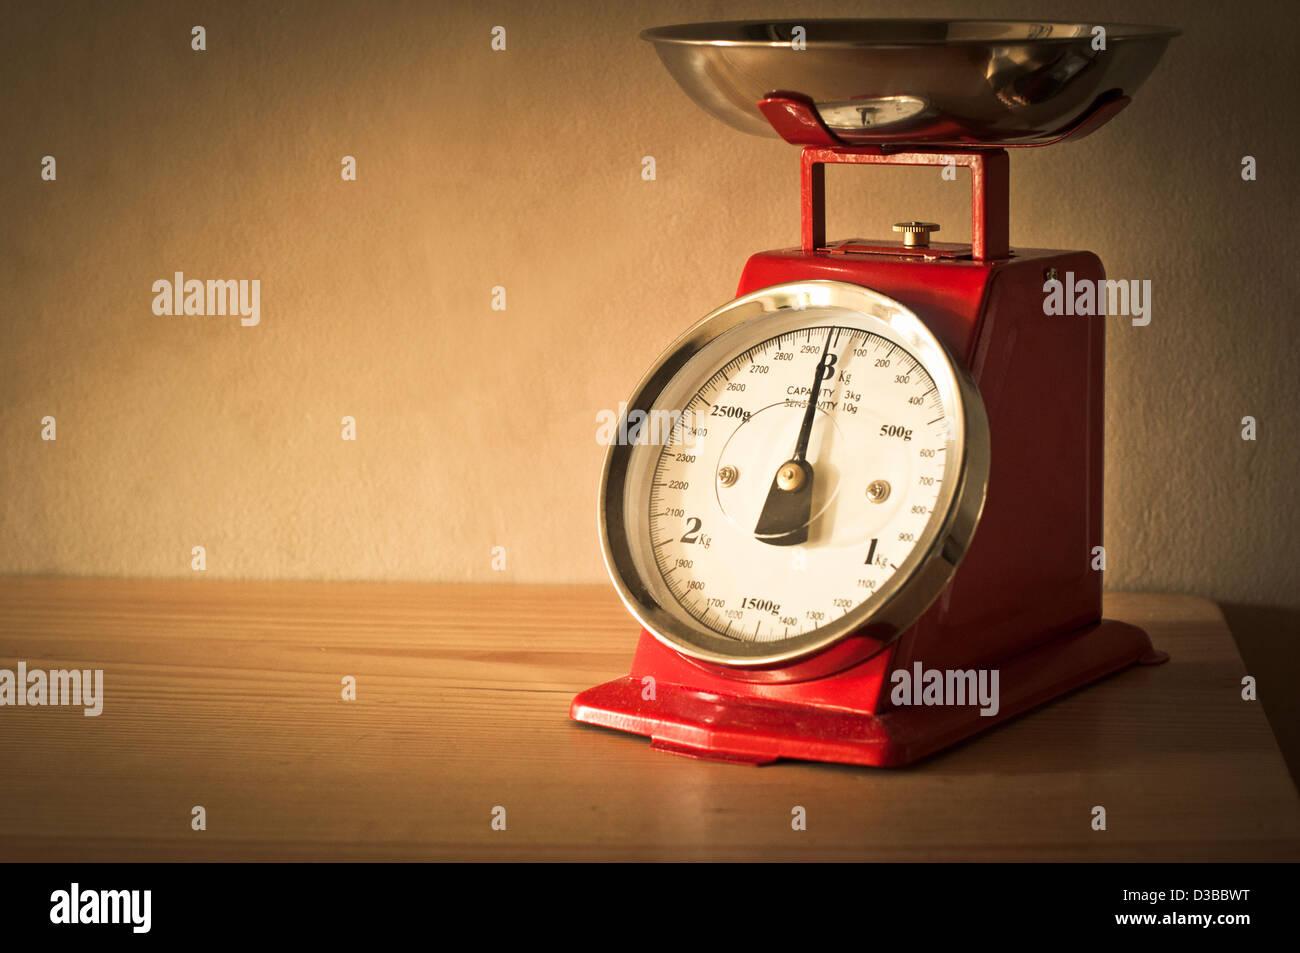 Retro kitchen baking scales - Stock Image